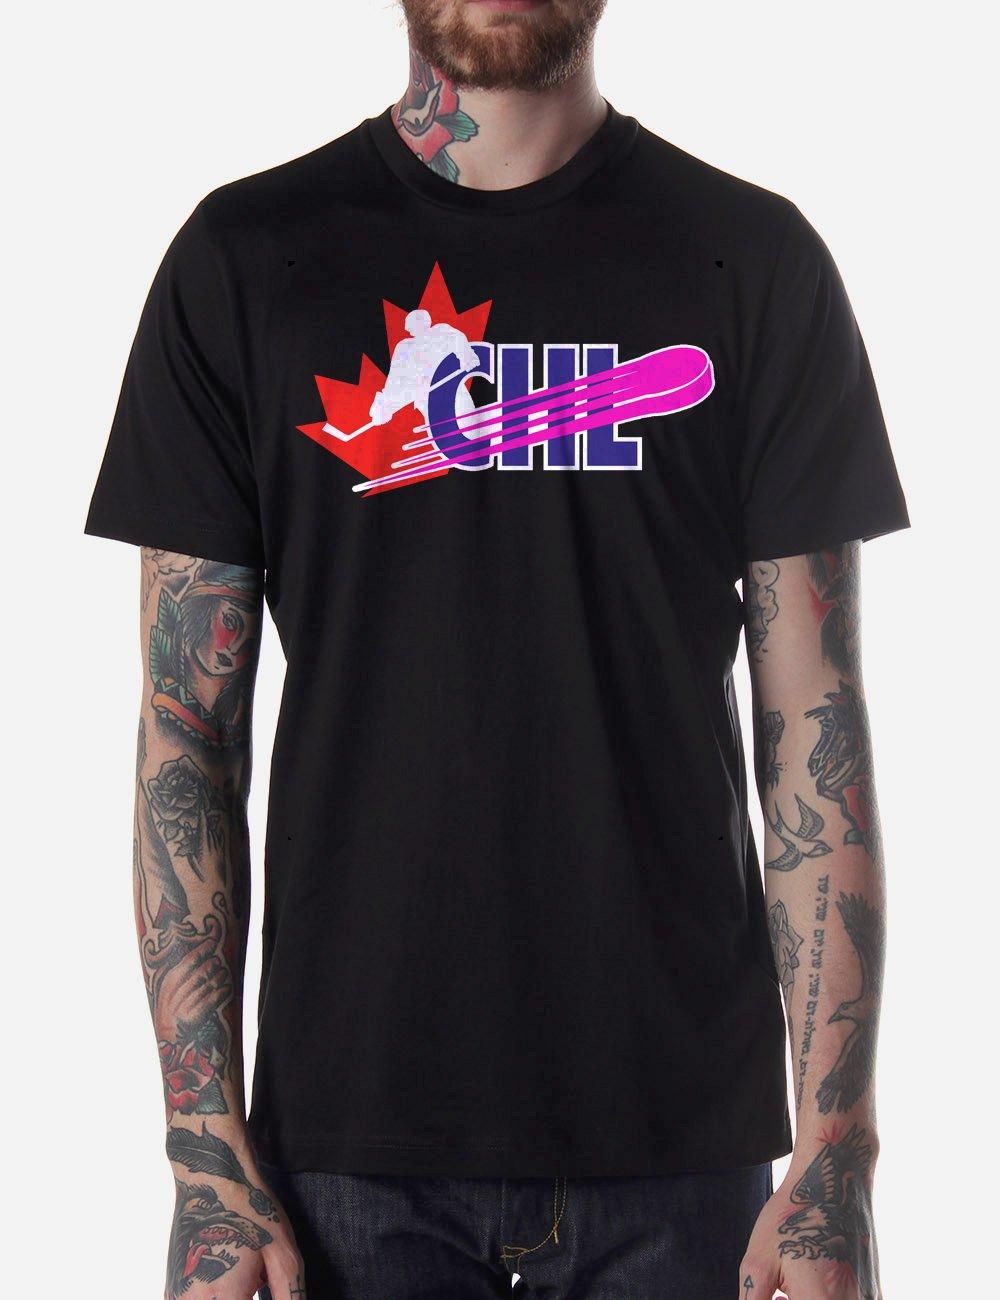 Black Men Tshirt Canadian Hockey League Black Tshirt For Men